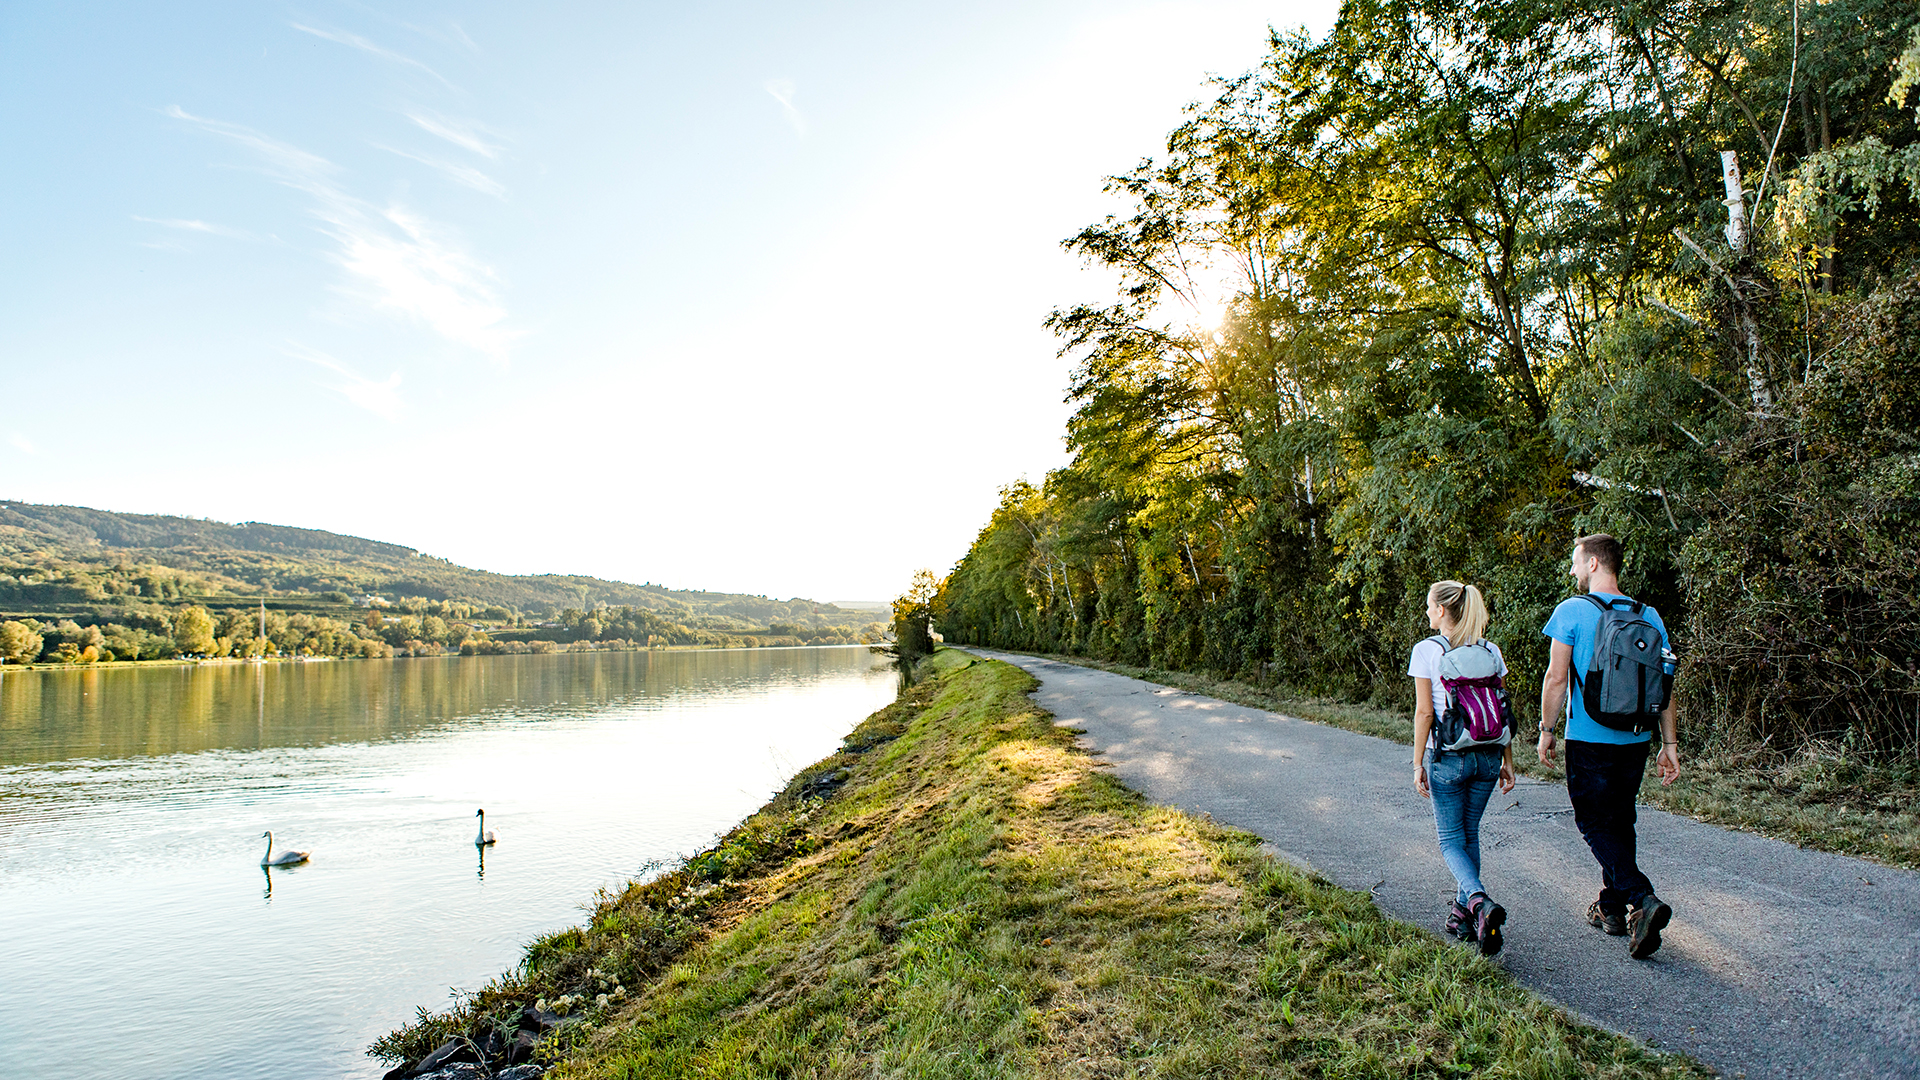 Fotos: Donau Niederlösterreich/Doris Schwarz-König